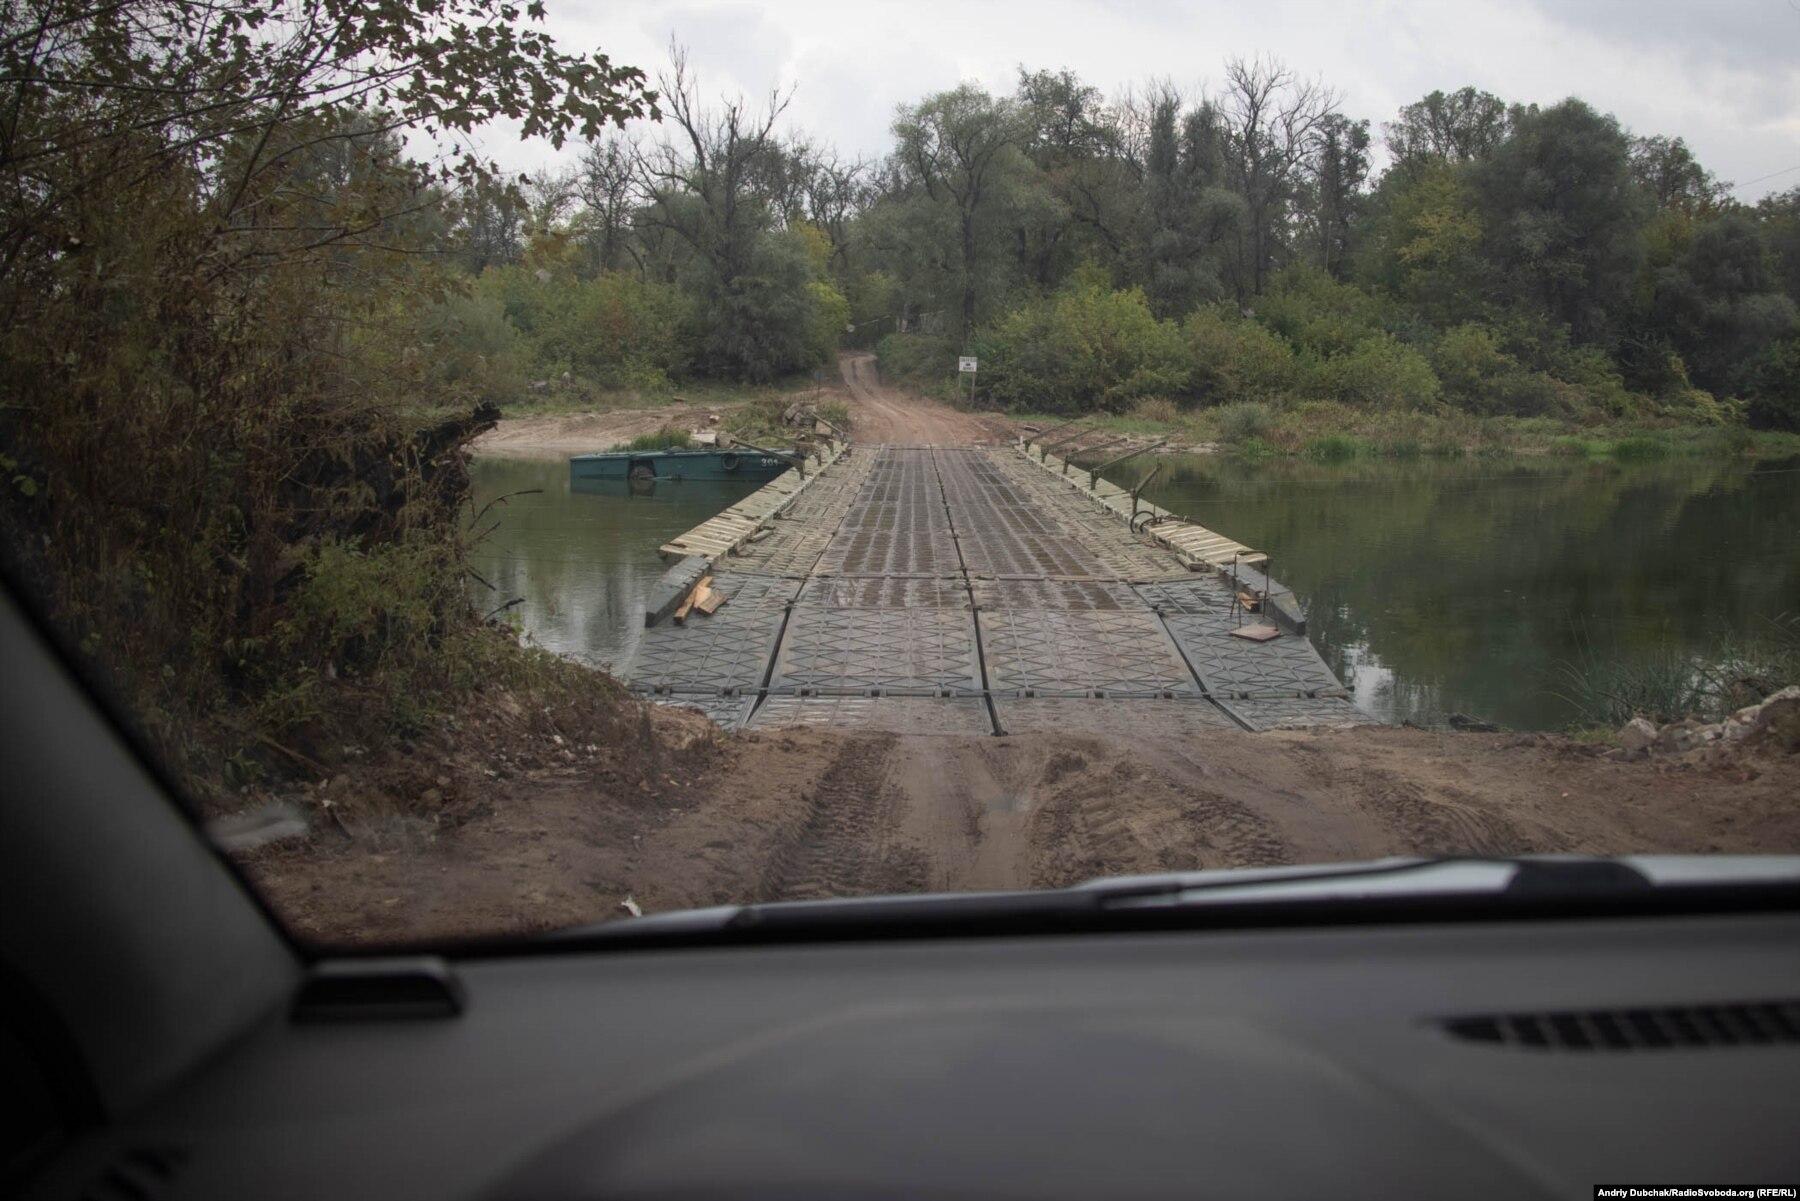 Donbas Frontliner / Пантонна переправа до села Кримське через річку Сіверський Донець